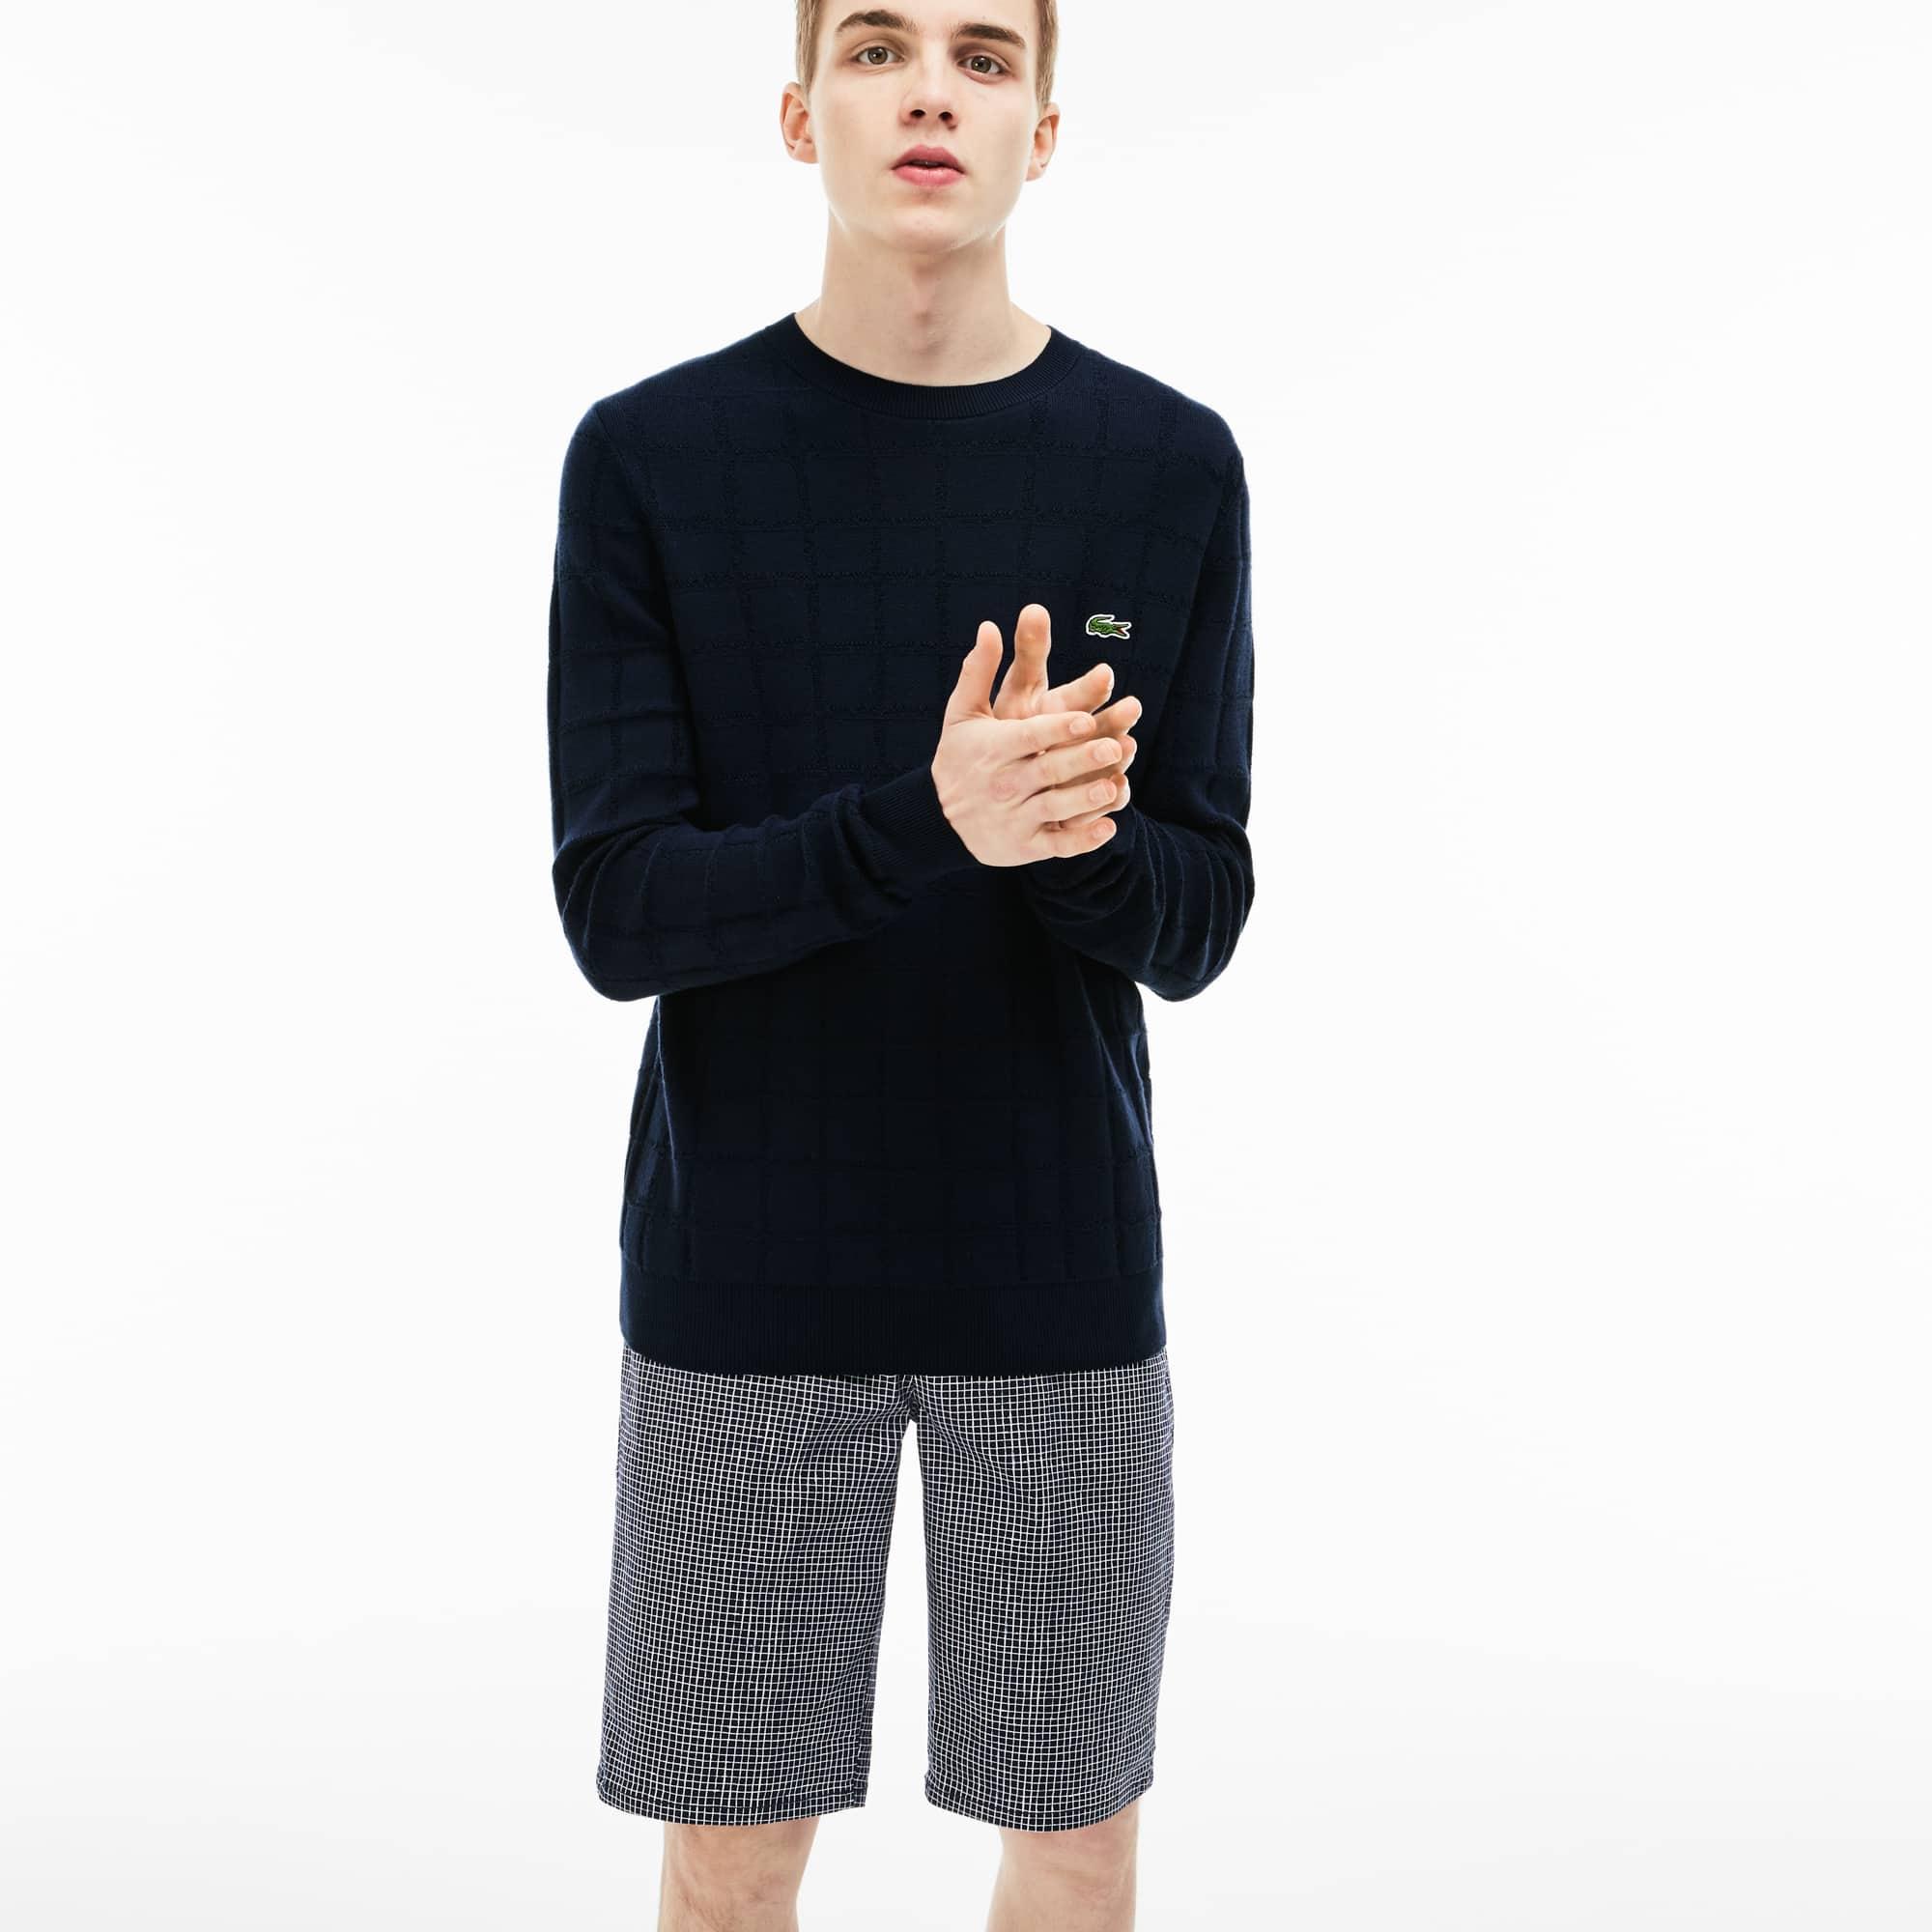 Lacoste LIVE-sweater heren ronde hals jacquard met miniruitjes